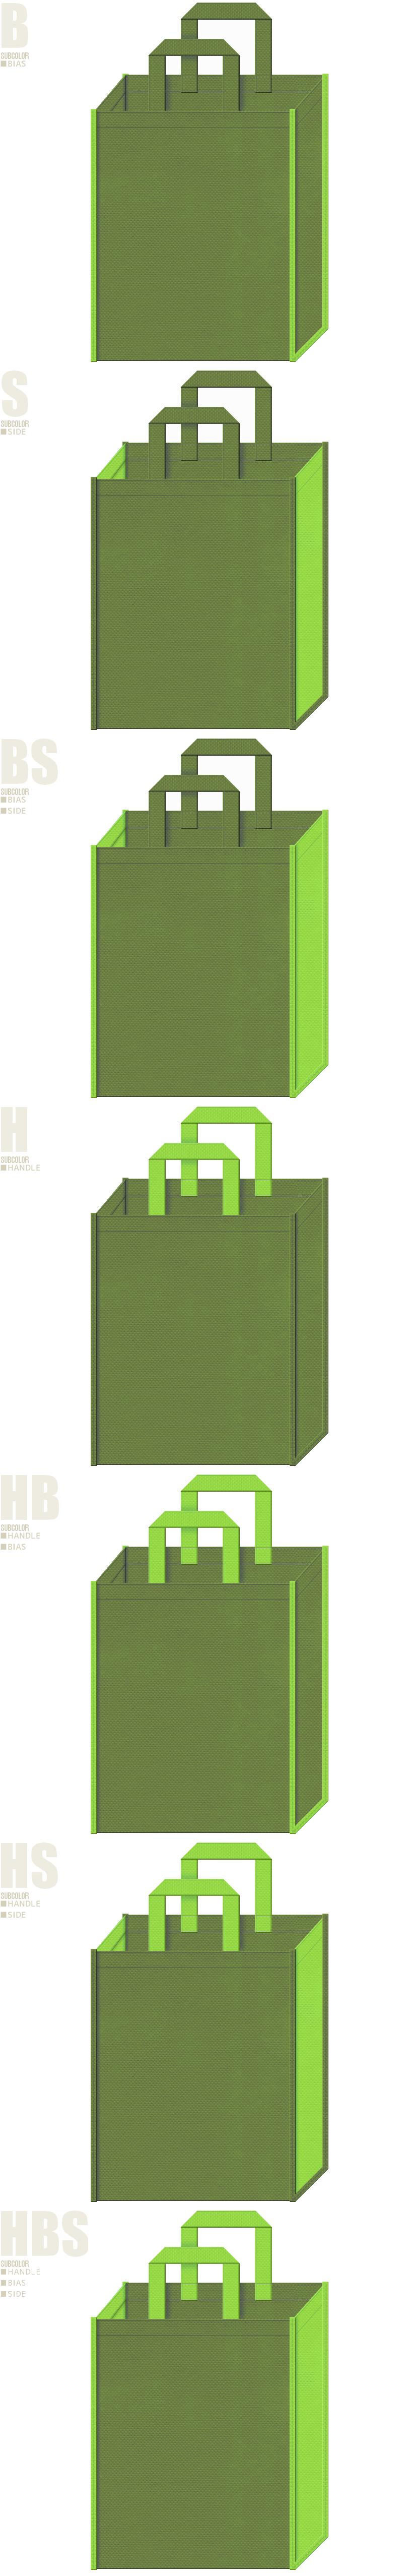 昆布茶・青汁・緑藻類・健康食品・日本茶・抹茶・茶菓子・茶摘・植木・造園・エクステリア・ガーデニング・園芸用品の展示会用バッグにお奨めの不織布バッグデザイン:草色と黄緑色の配色7パターン